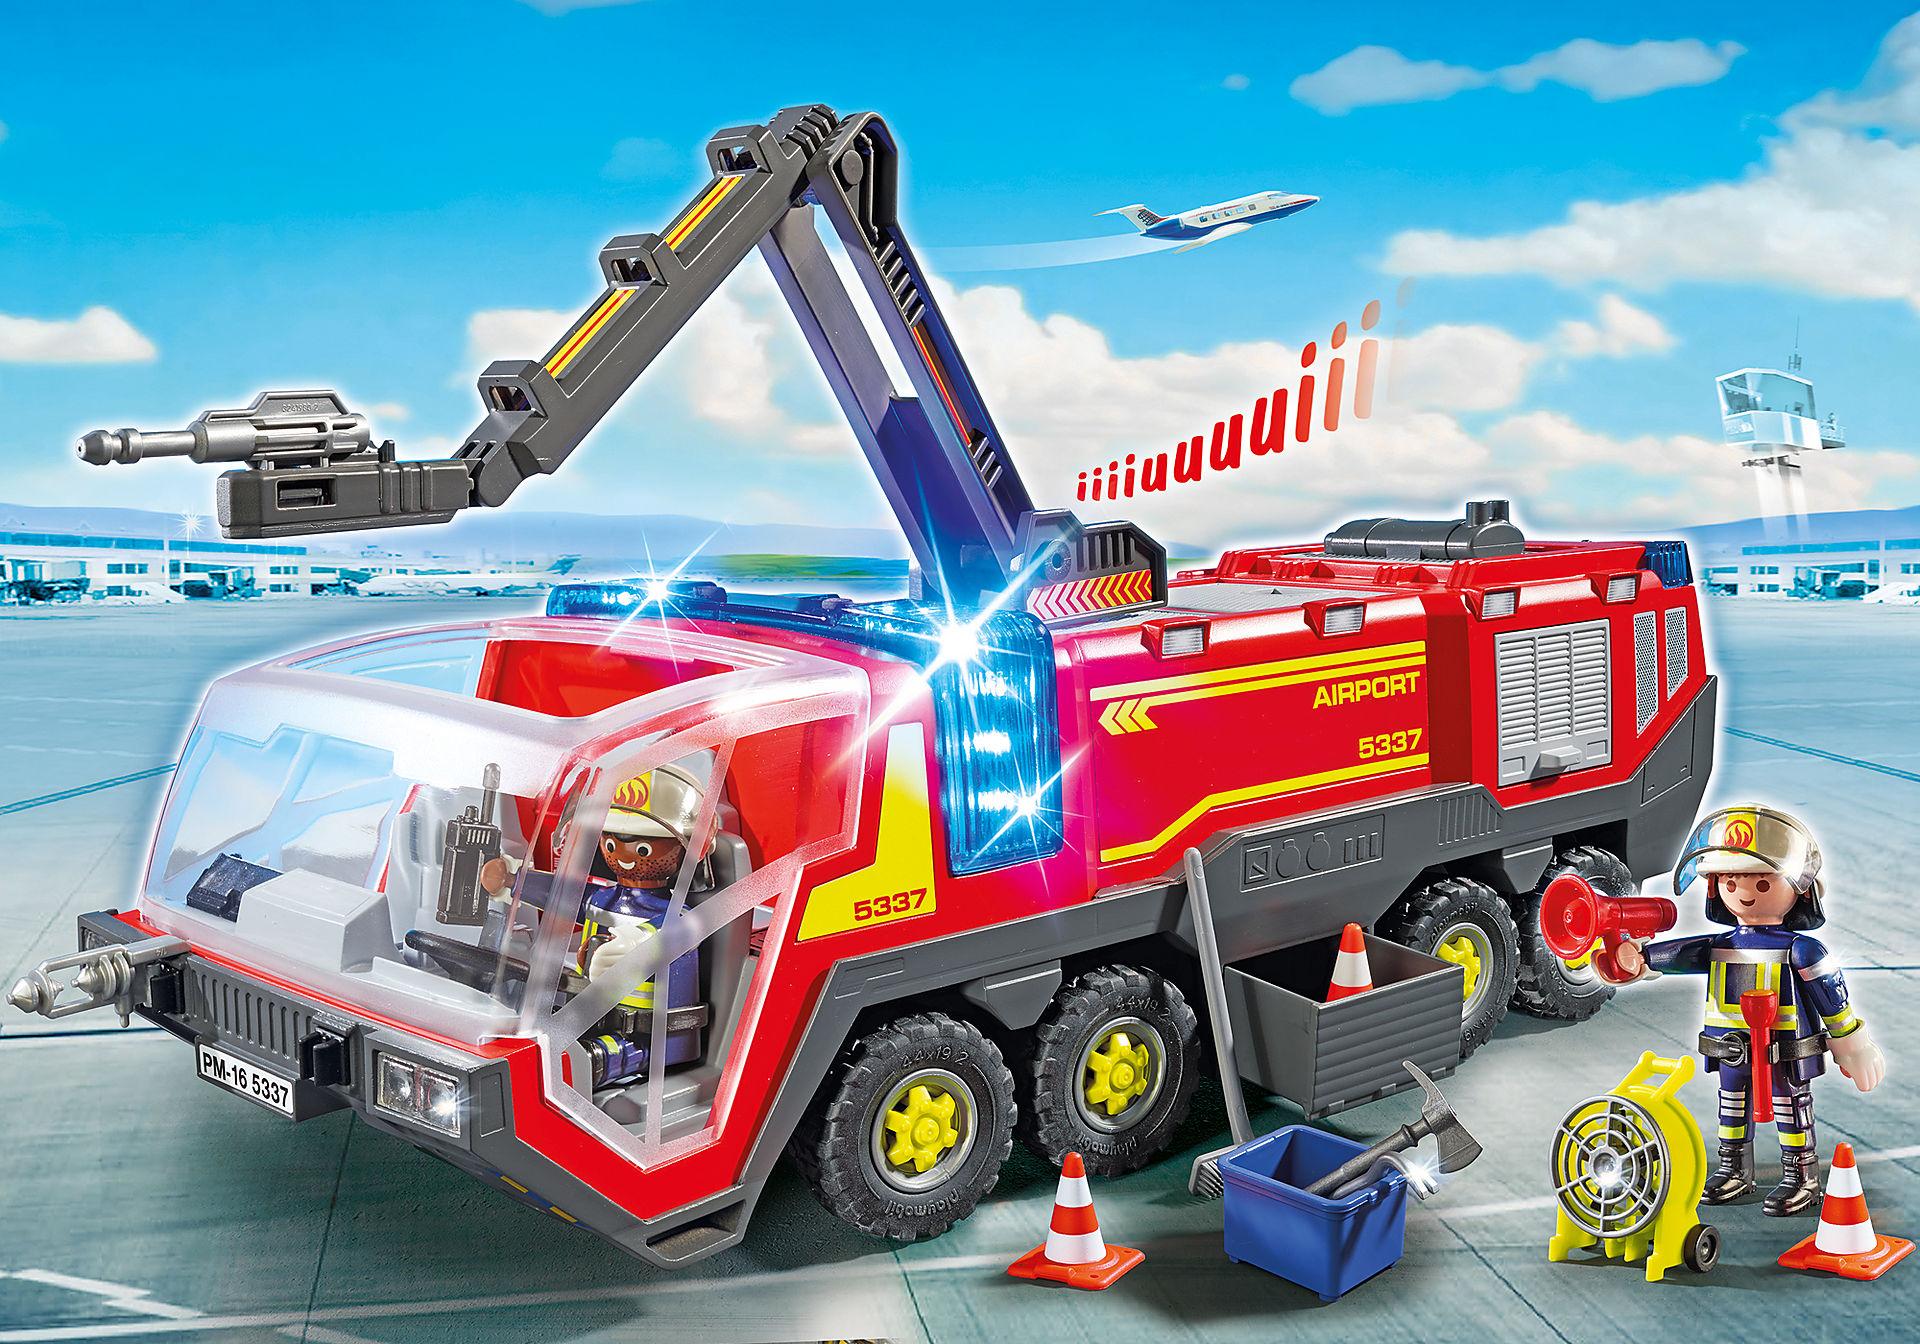 5337 Pompiers avec véhicule aéroportuaire zoom image1